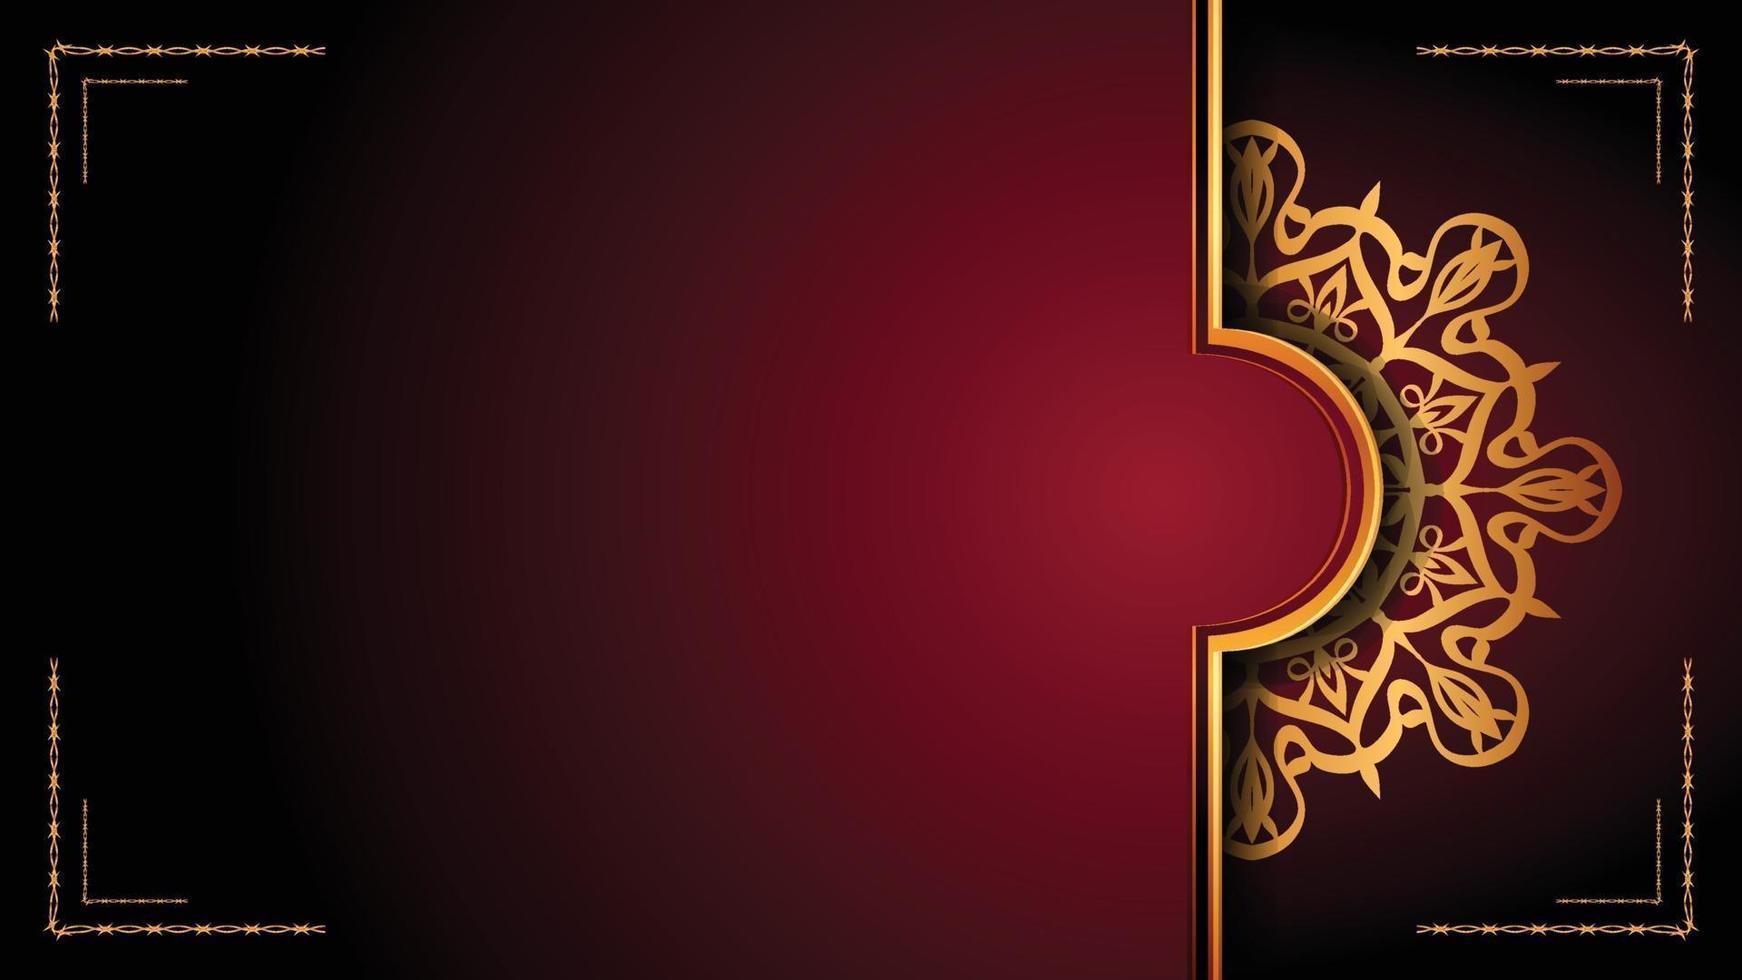 lyxig mandala dekorativ bakgrundsdesign med gyllene arabesk mönsterstil. dekorativ mandala prydnad för tryck, broschyr, banner, omslag, affisch, inbjudningskort. vektor